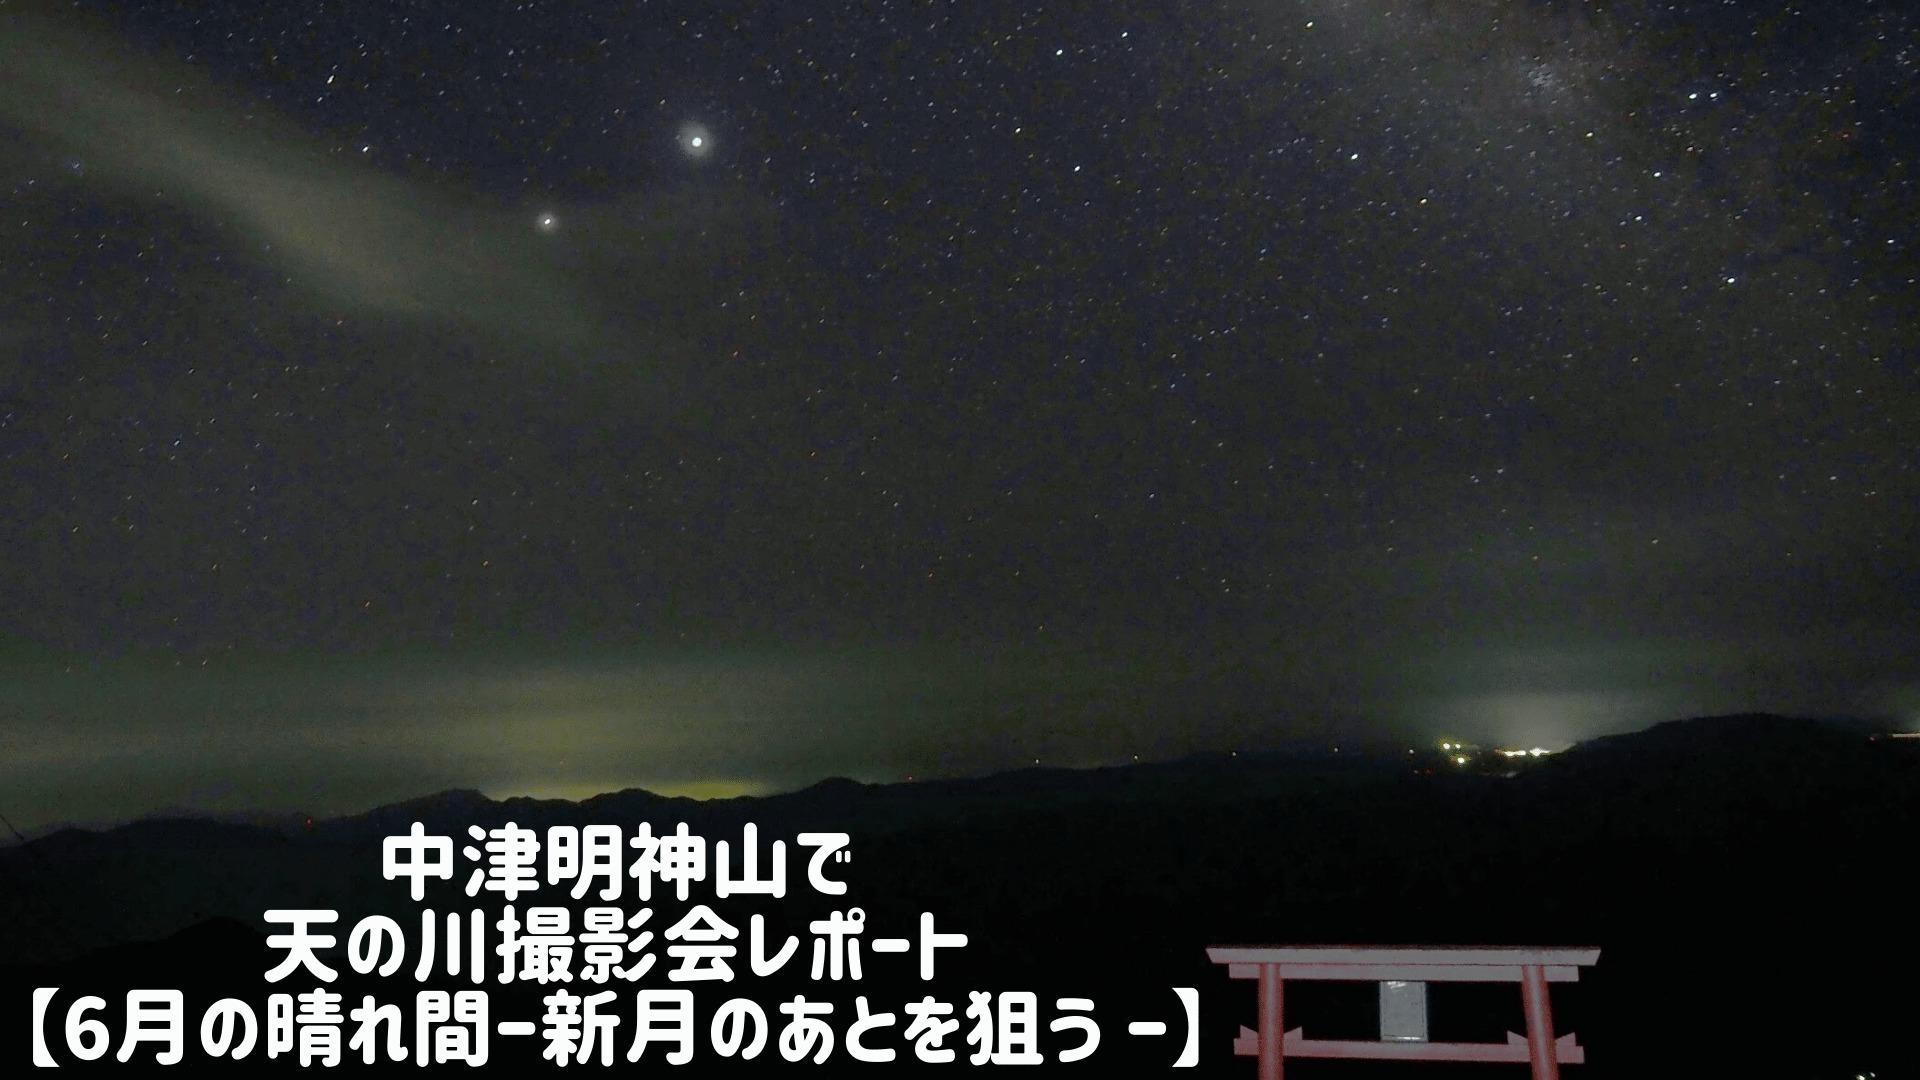 中津明神山で天の川撮影会レポート【6月の晴れ間〜新月のあとを狙う〜】